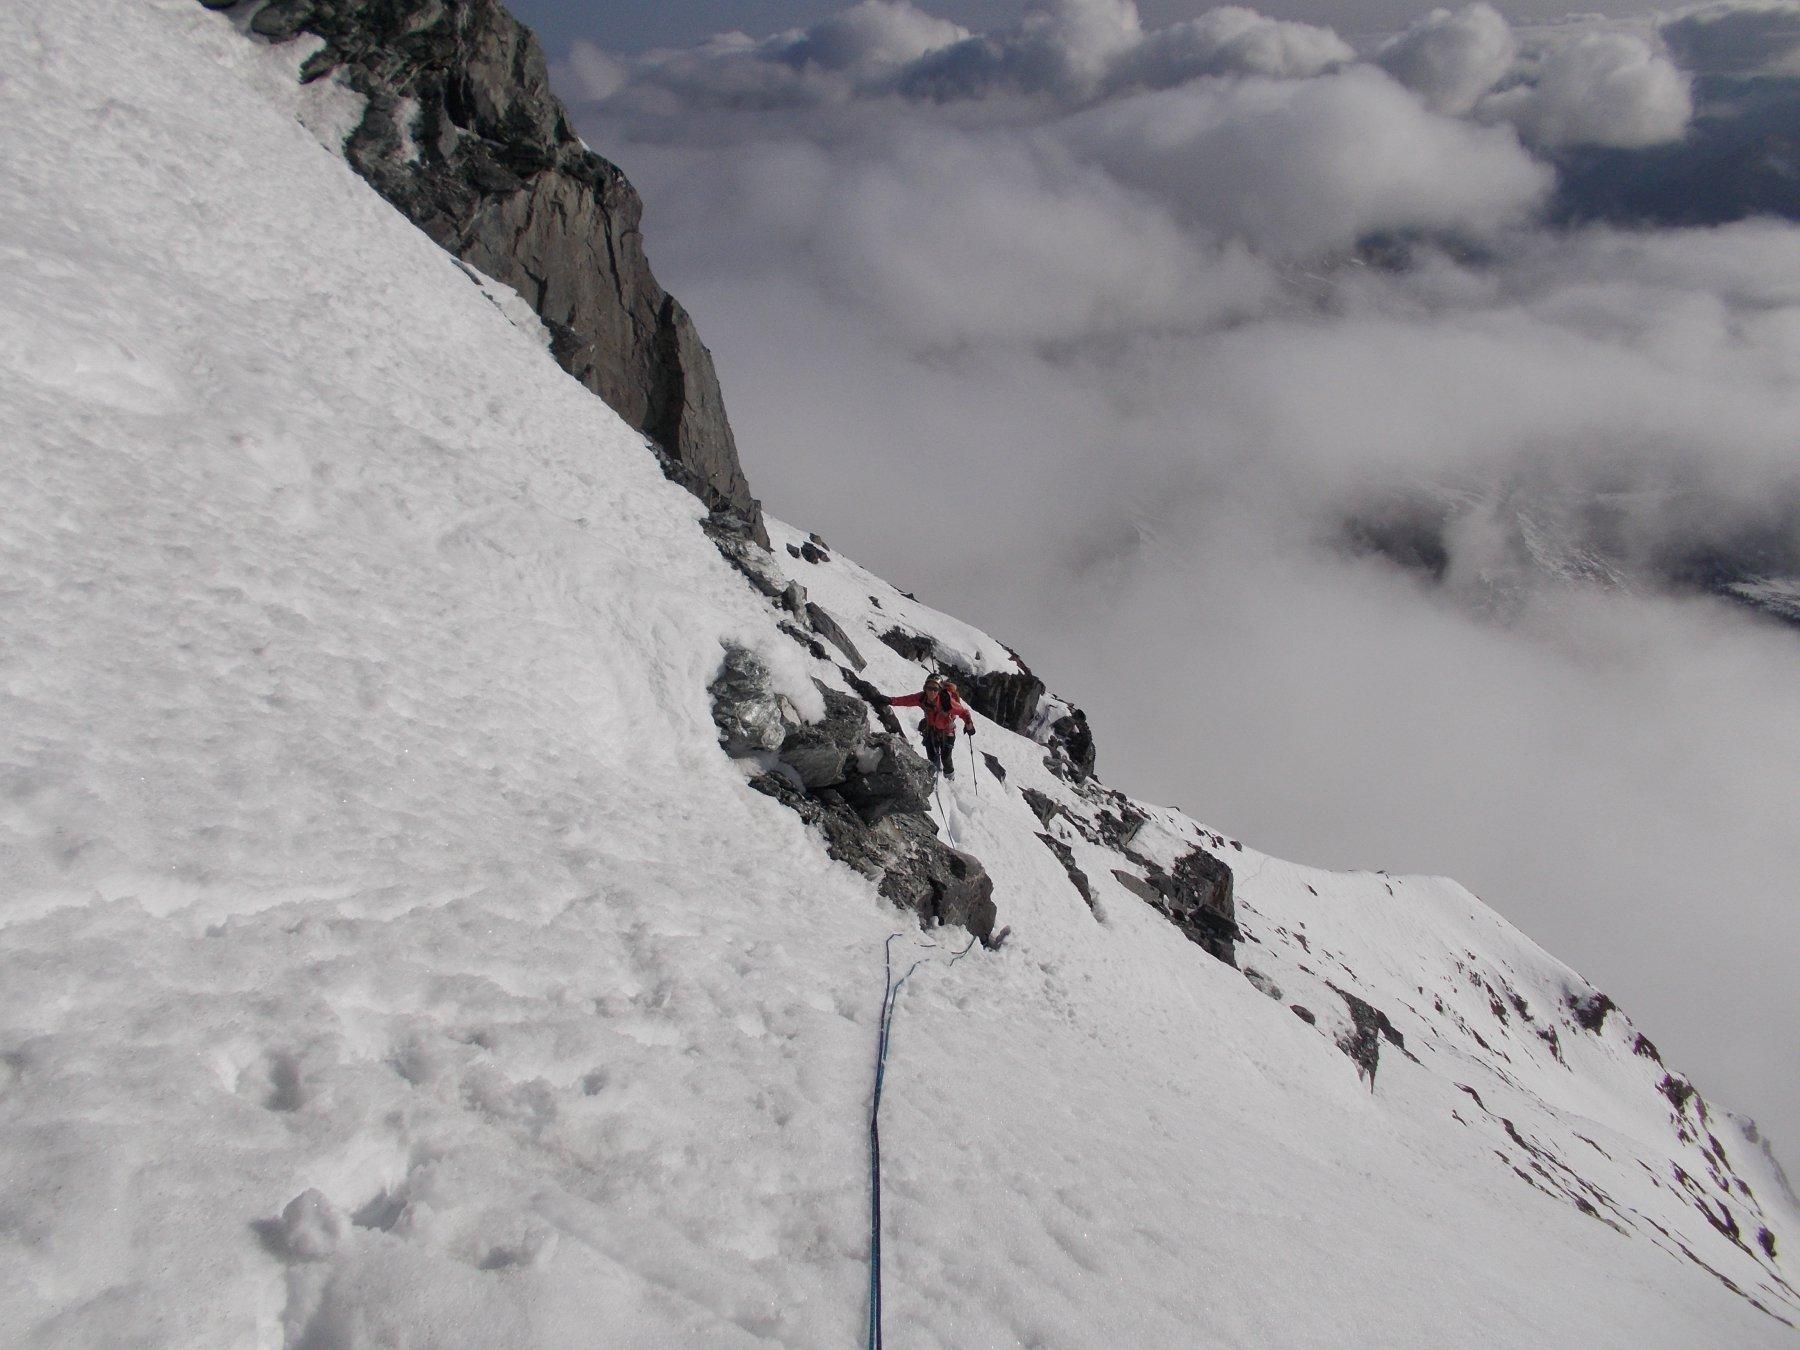 nel lungo e infido traverso a prendere la cresta a monte della Bocca di Mottiscia..